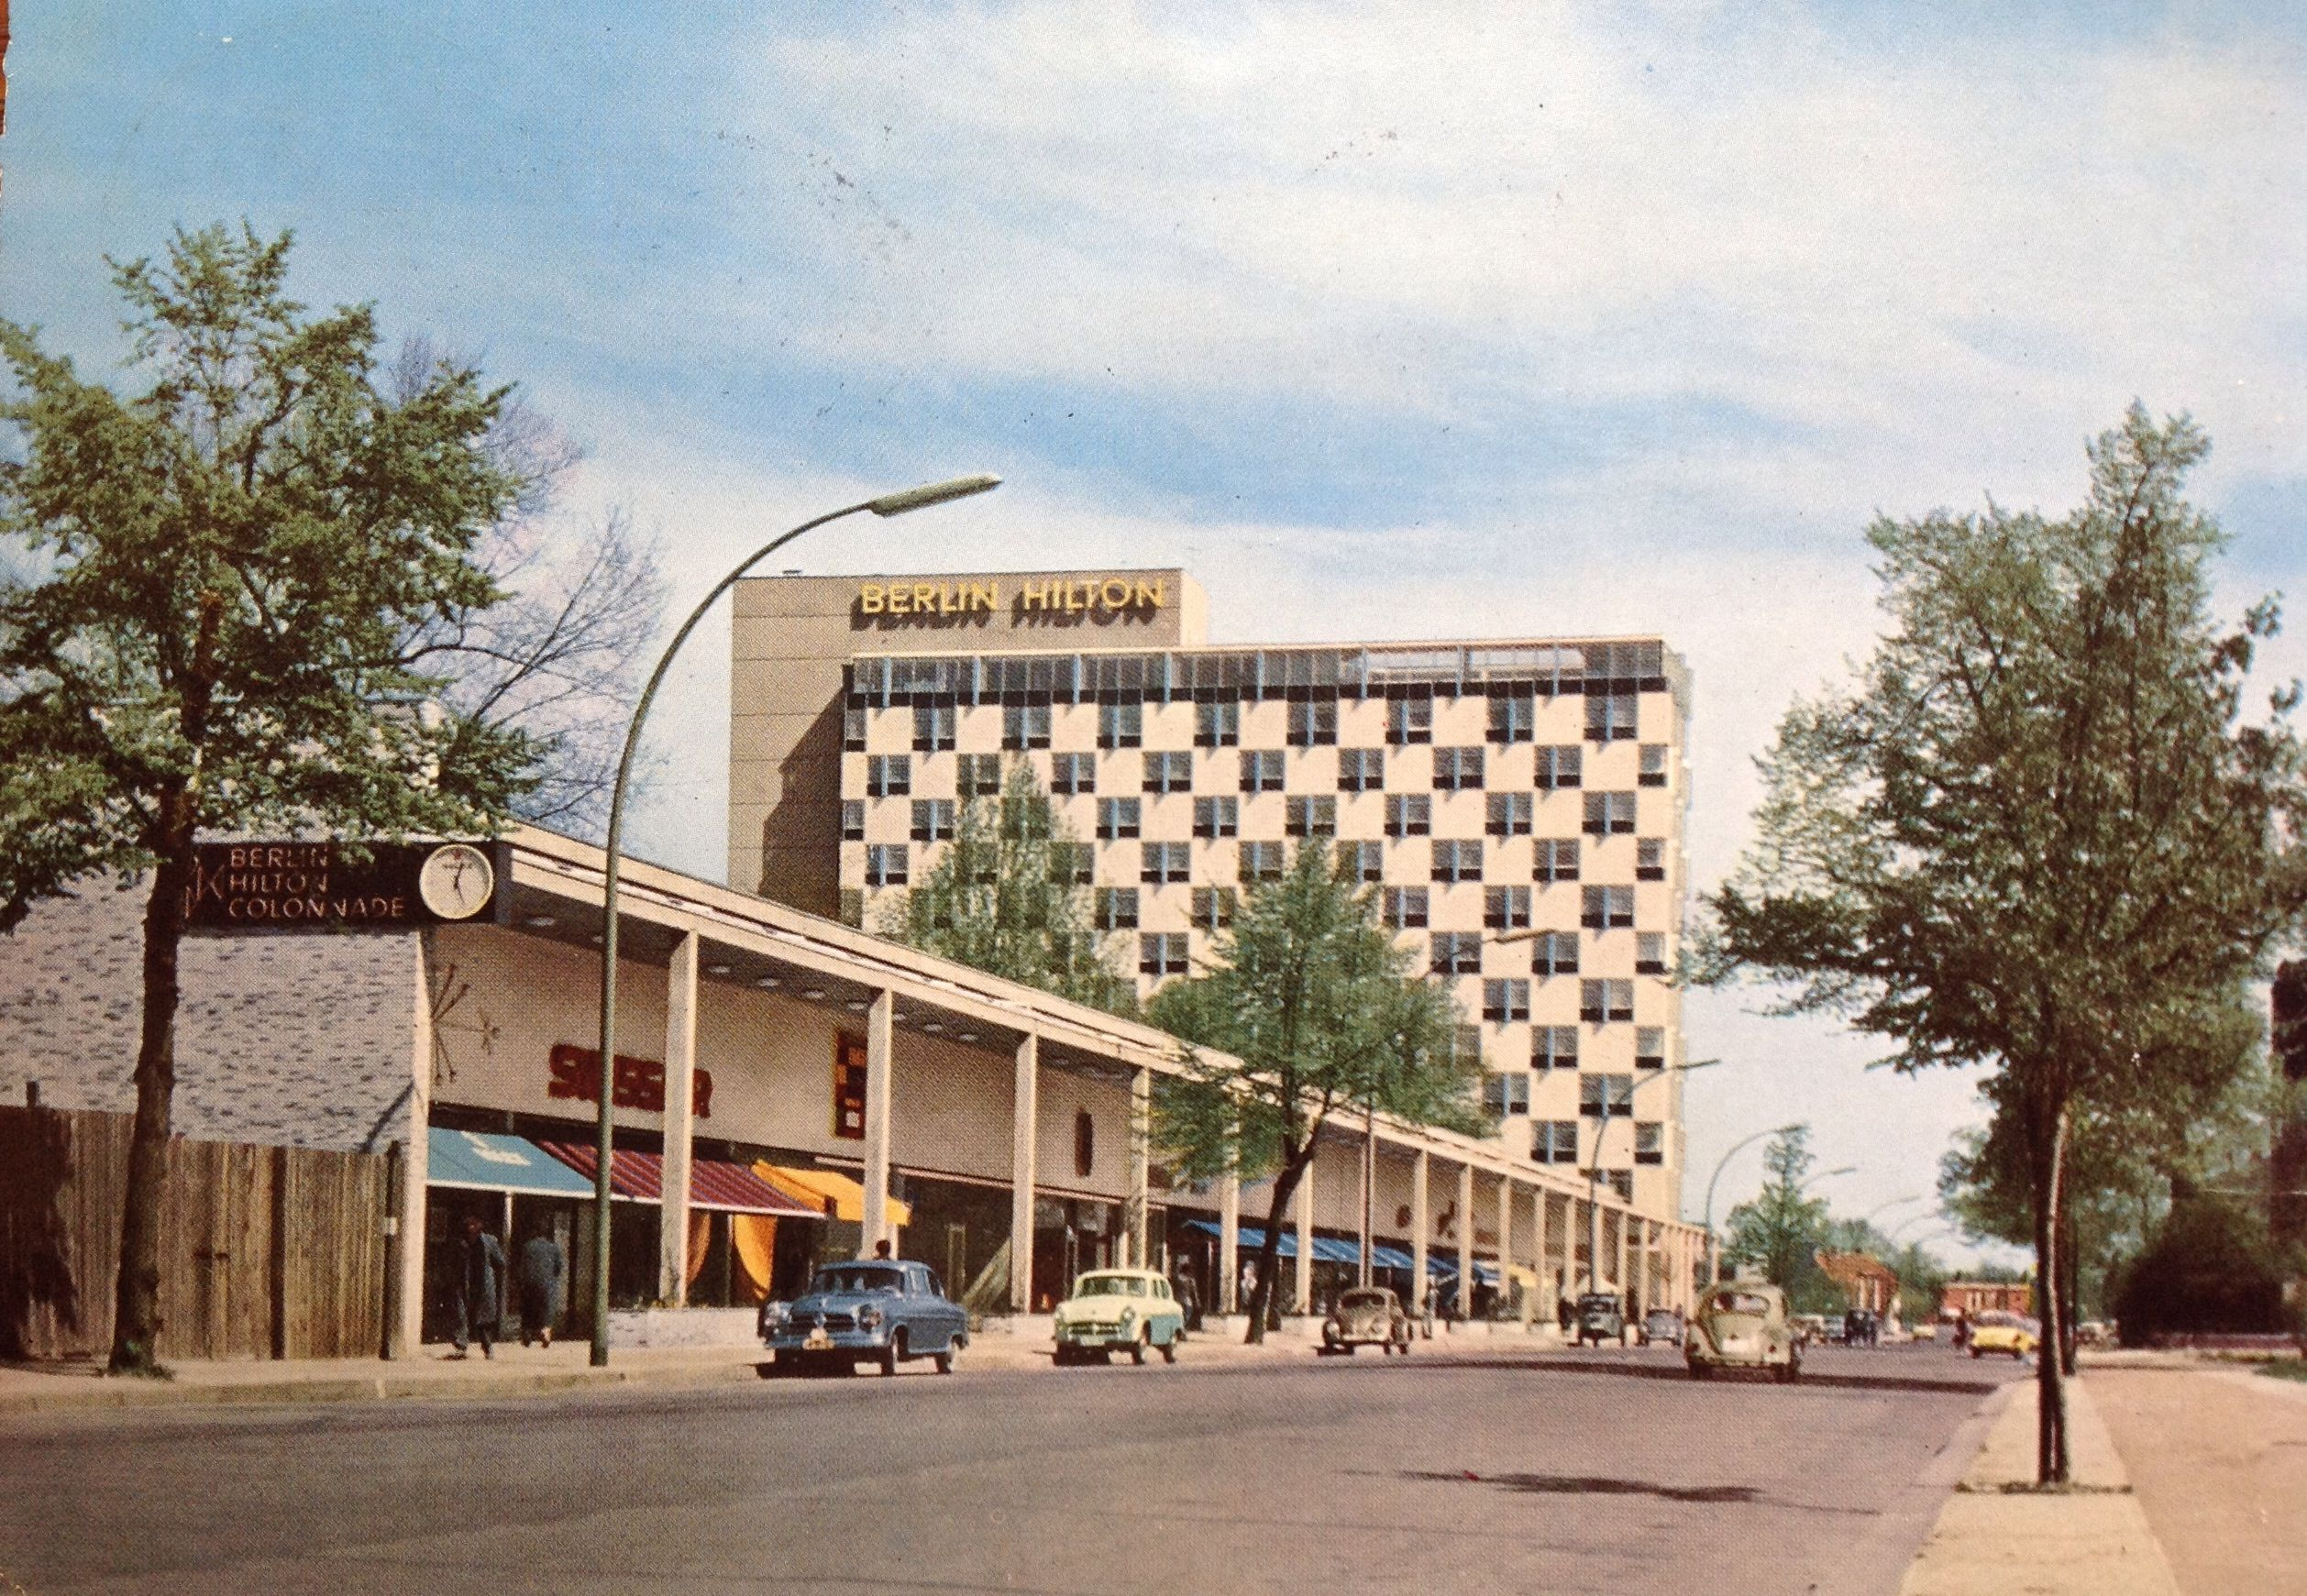 Berlin Hilton 1960s Berlin Then And Now Berlin Berlin Germany